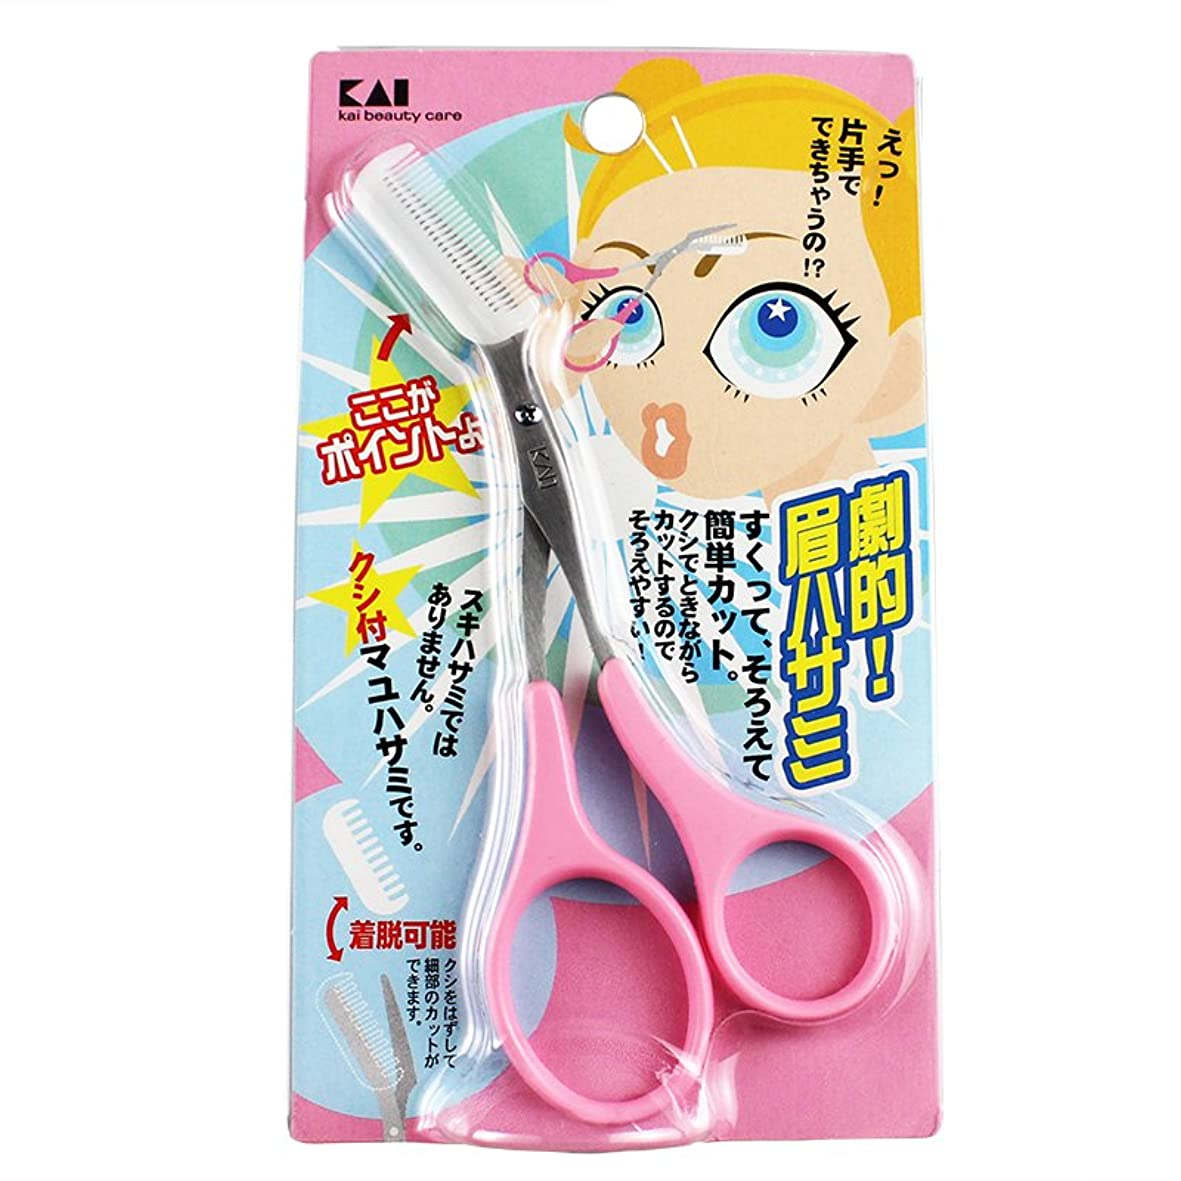 経営者識字ミントKQ-809 クシ付きマユハサミ ピンク